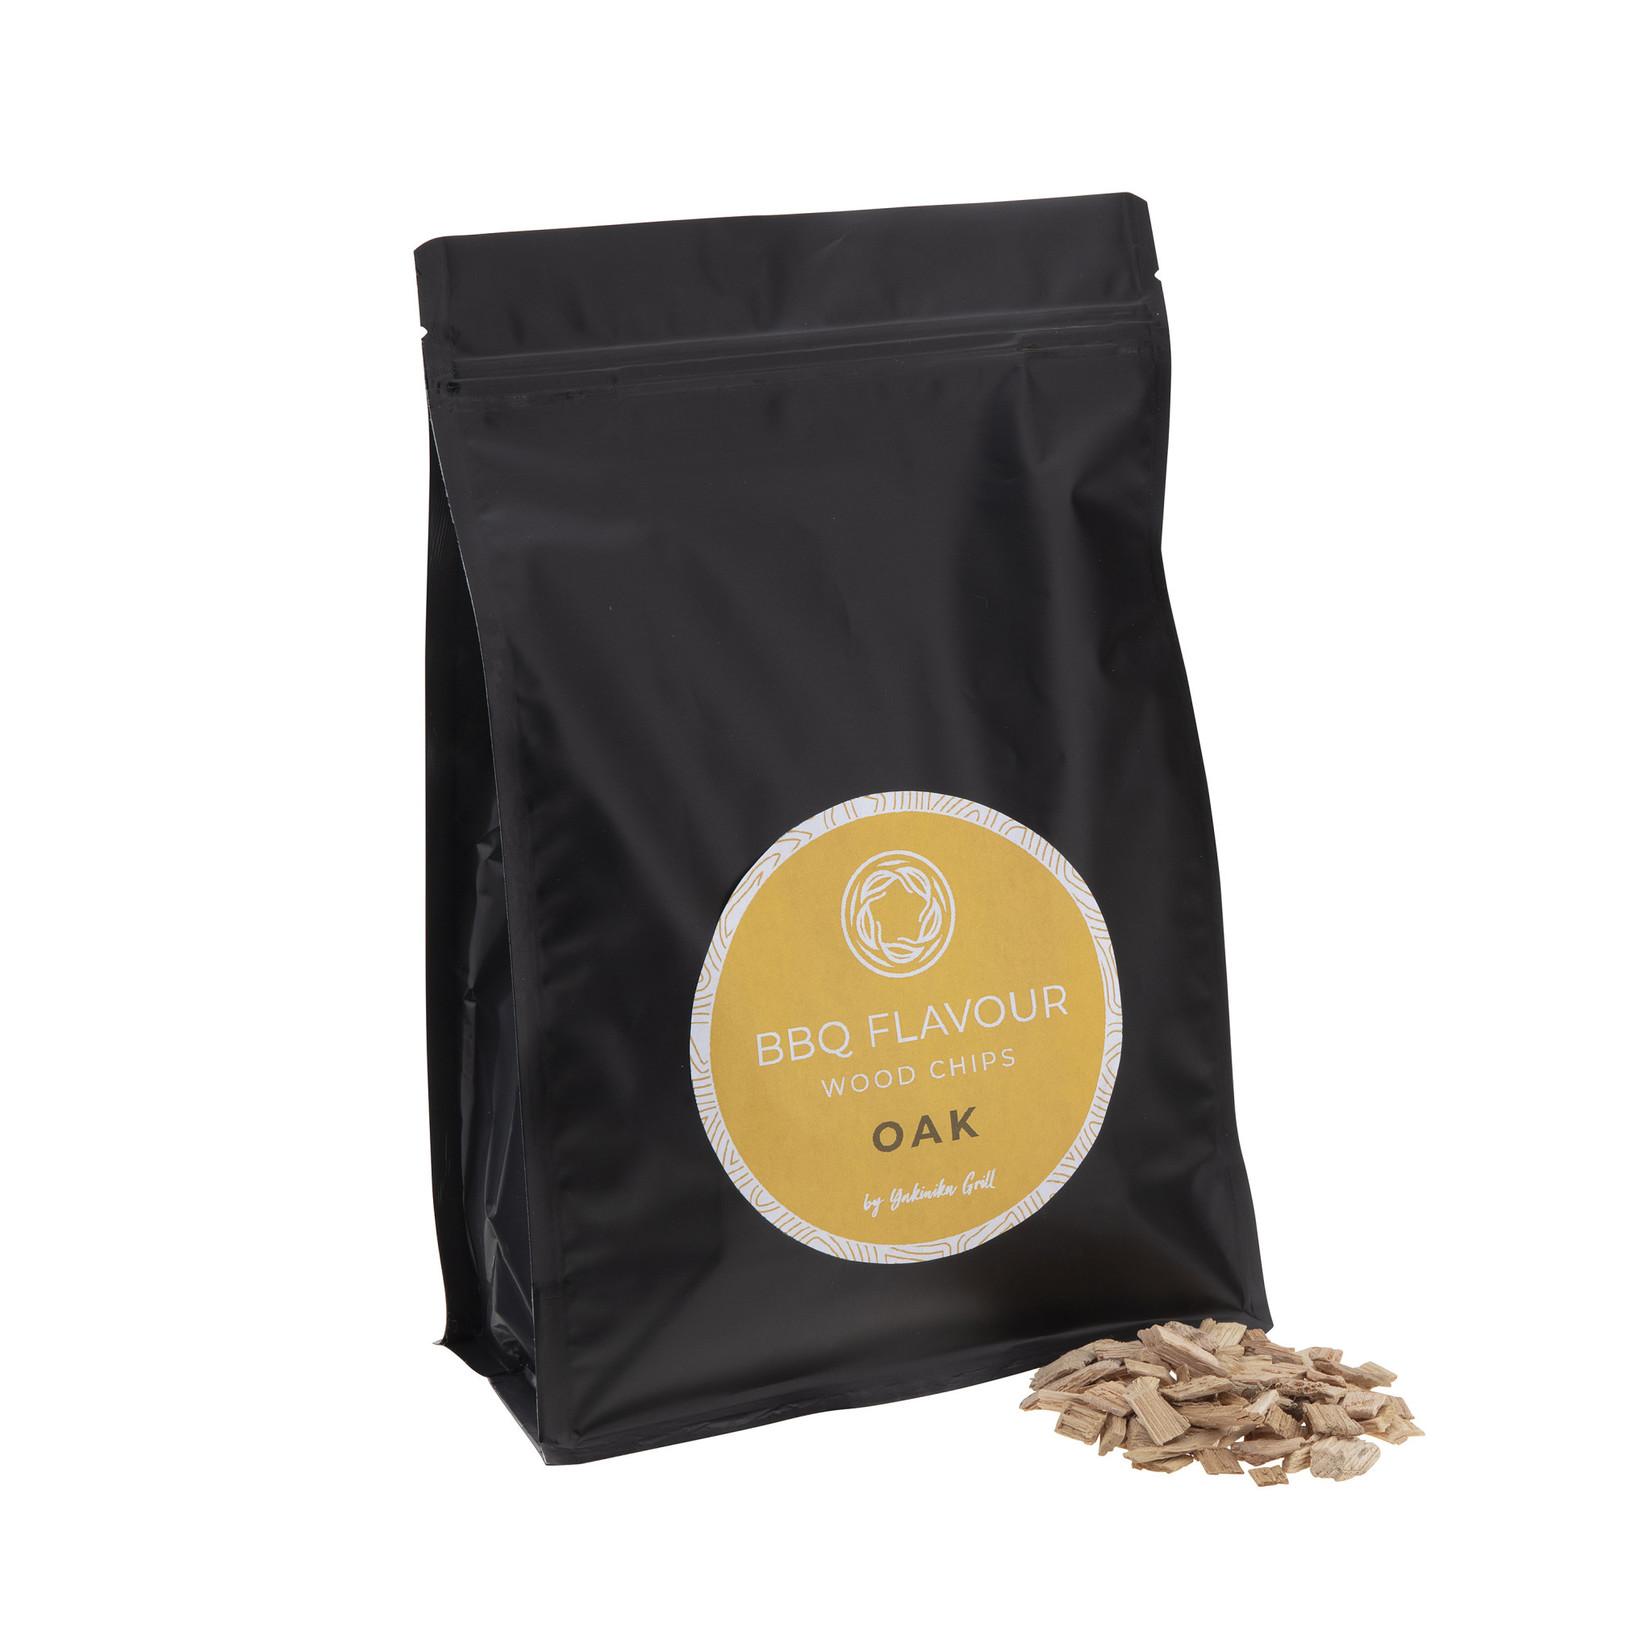 BBQ Flavour BBQ Flavour Rookhout chips Oak 500gr